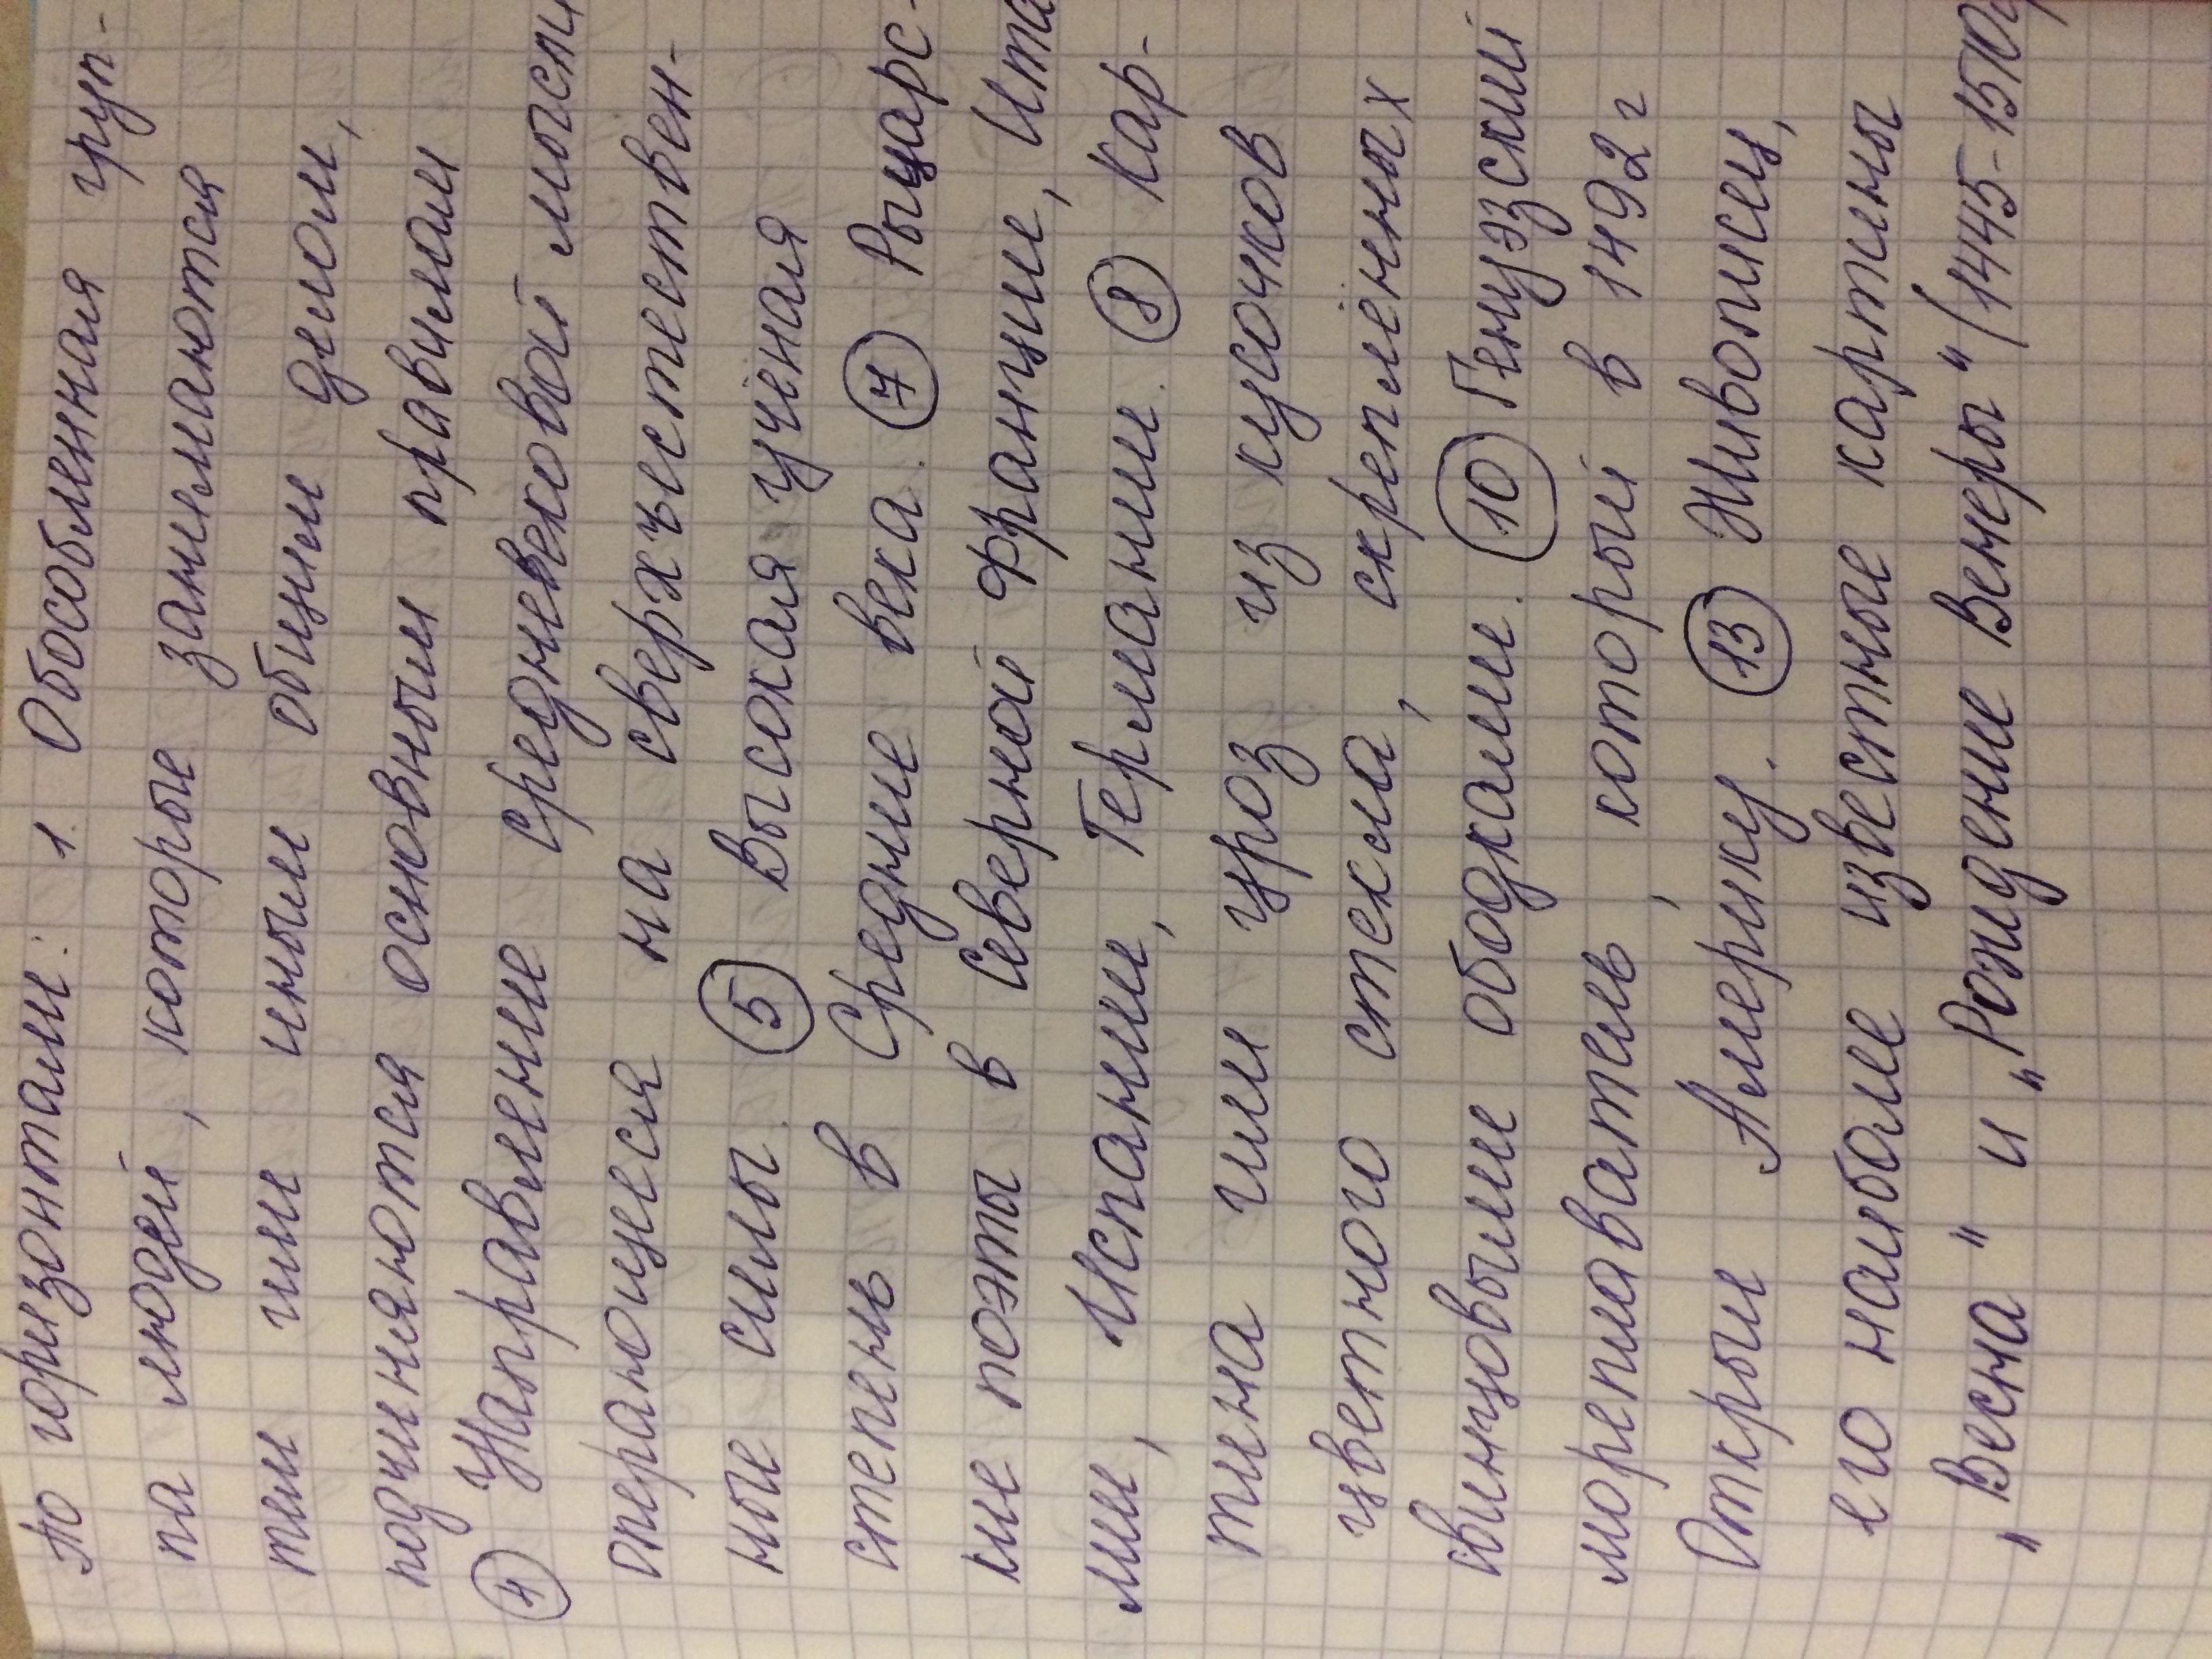 История 6 класс учебник агибалова и донской сделать по нему доклад